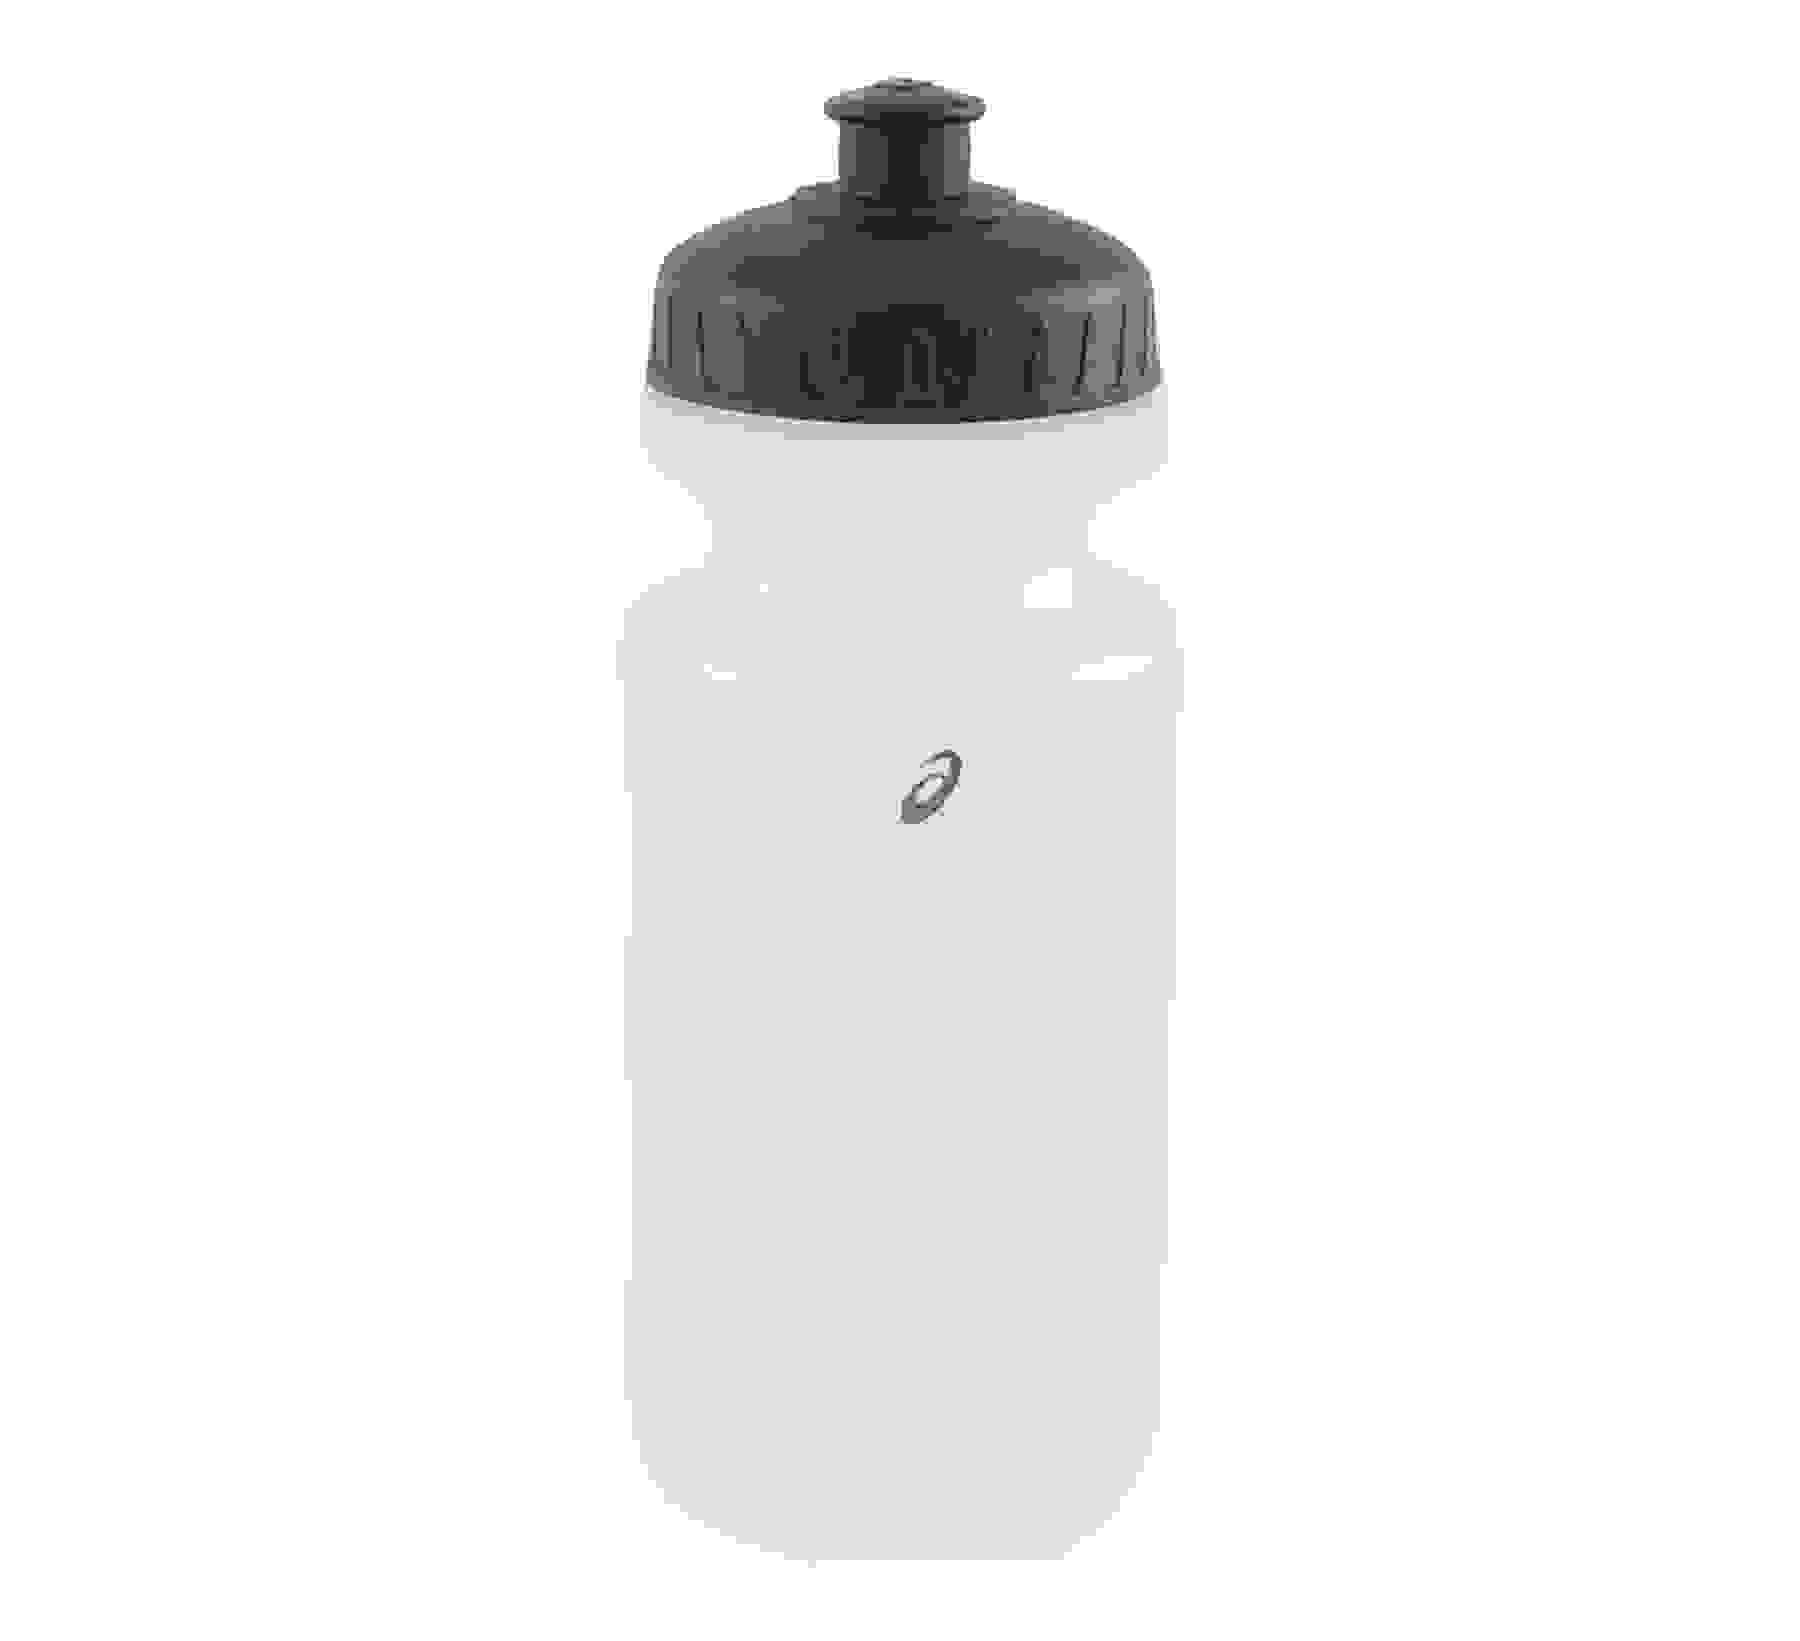 Chai nước chạy bộ - Asics running waist pack bottle